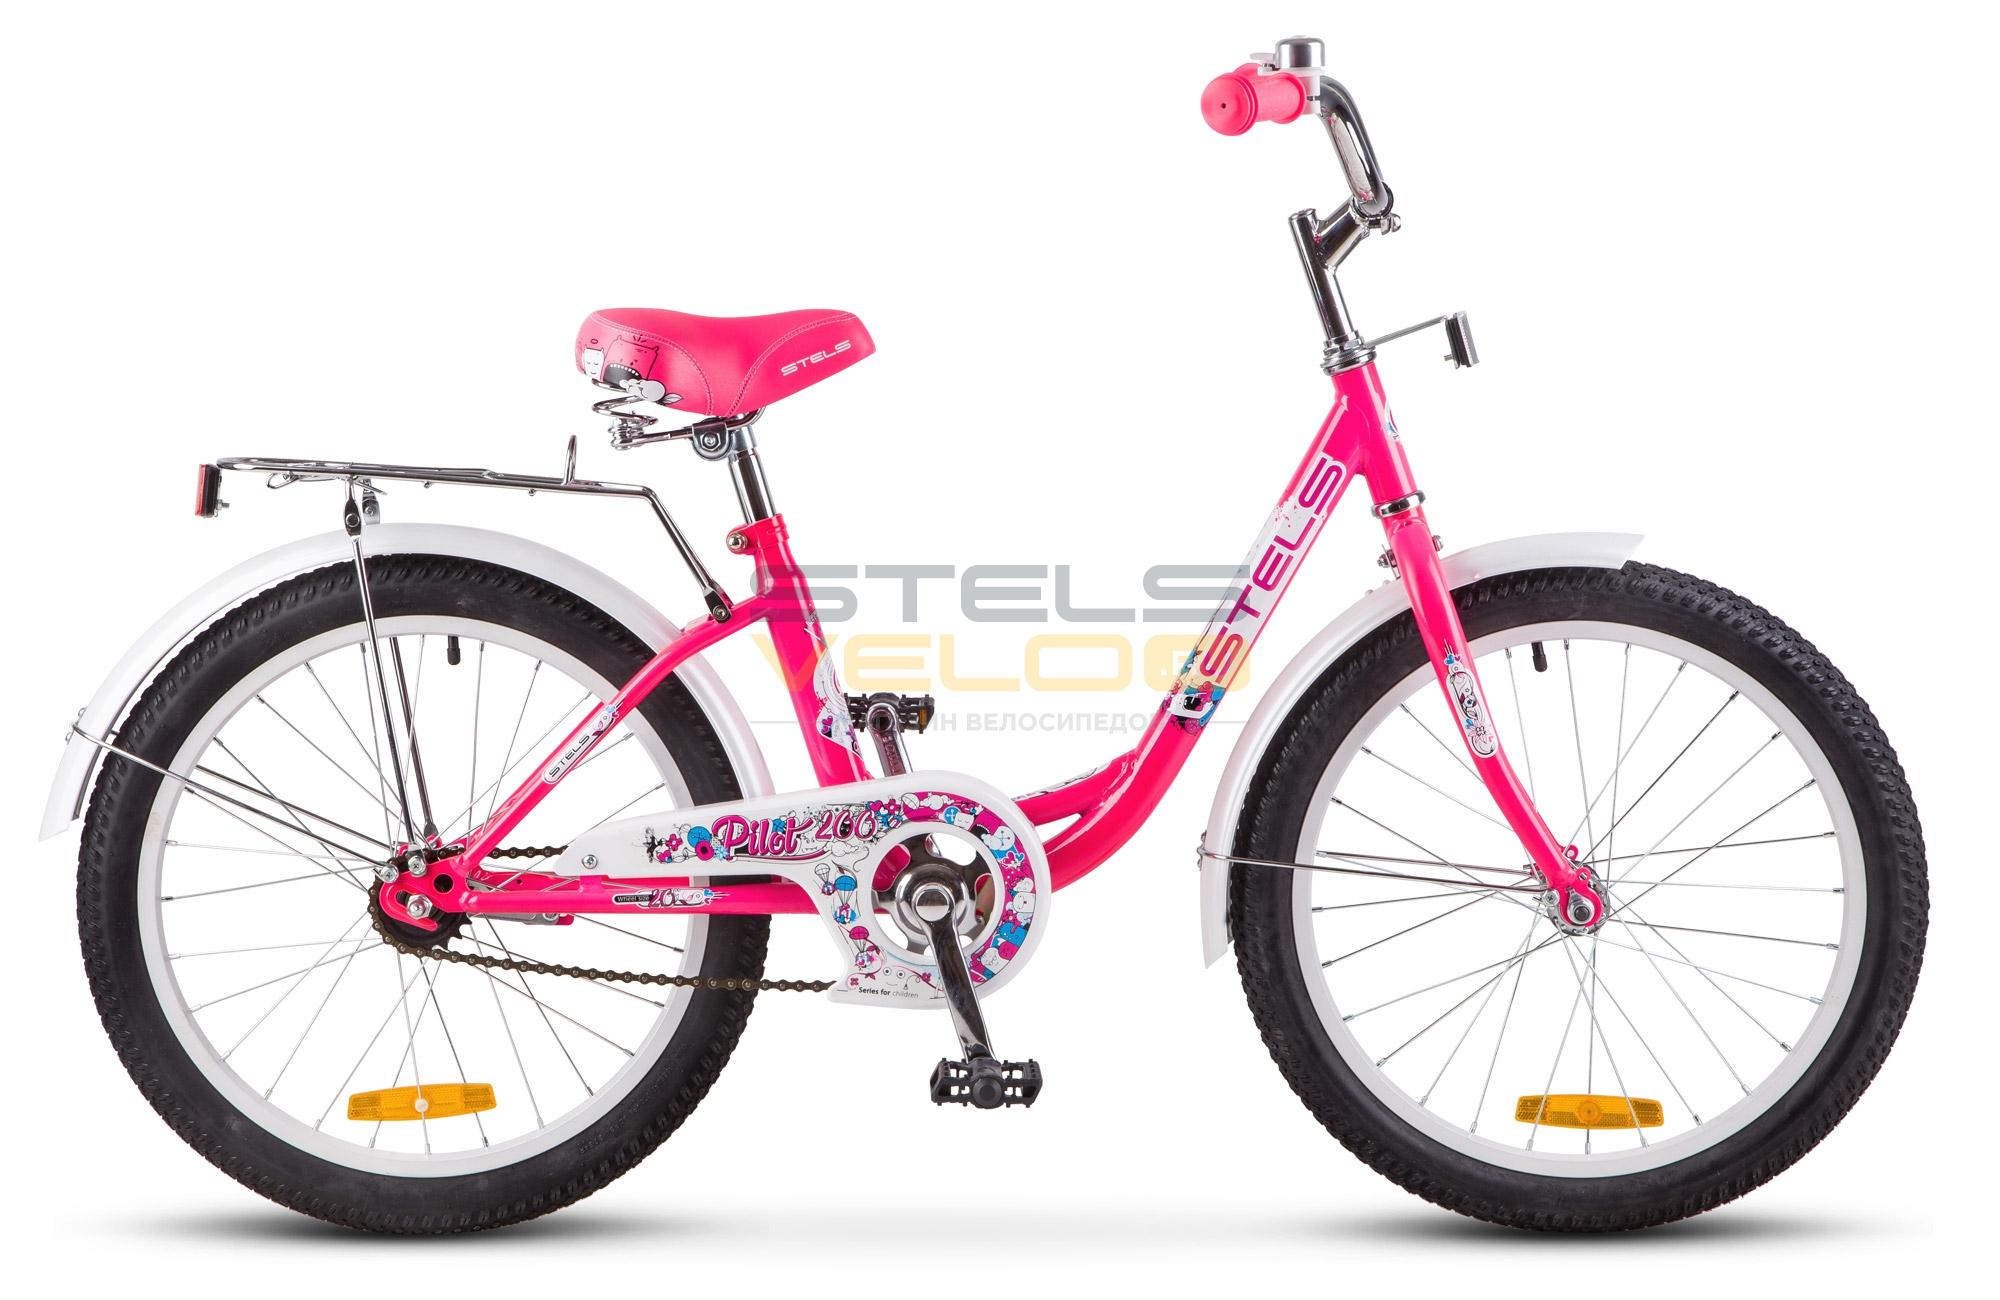 Велосипед Stels Pilot-200 Lady, розовый цена в Москве и Питере